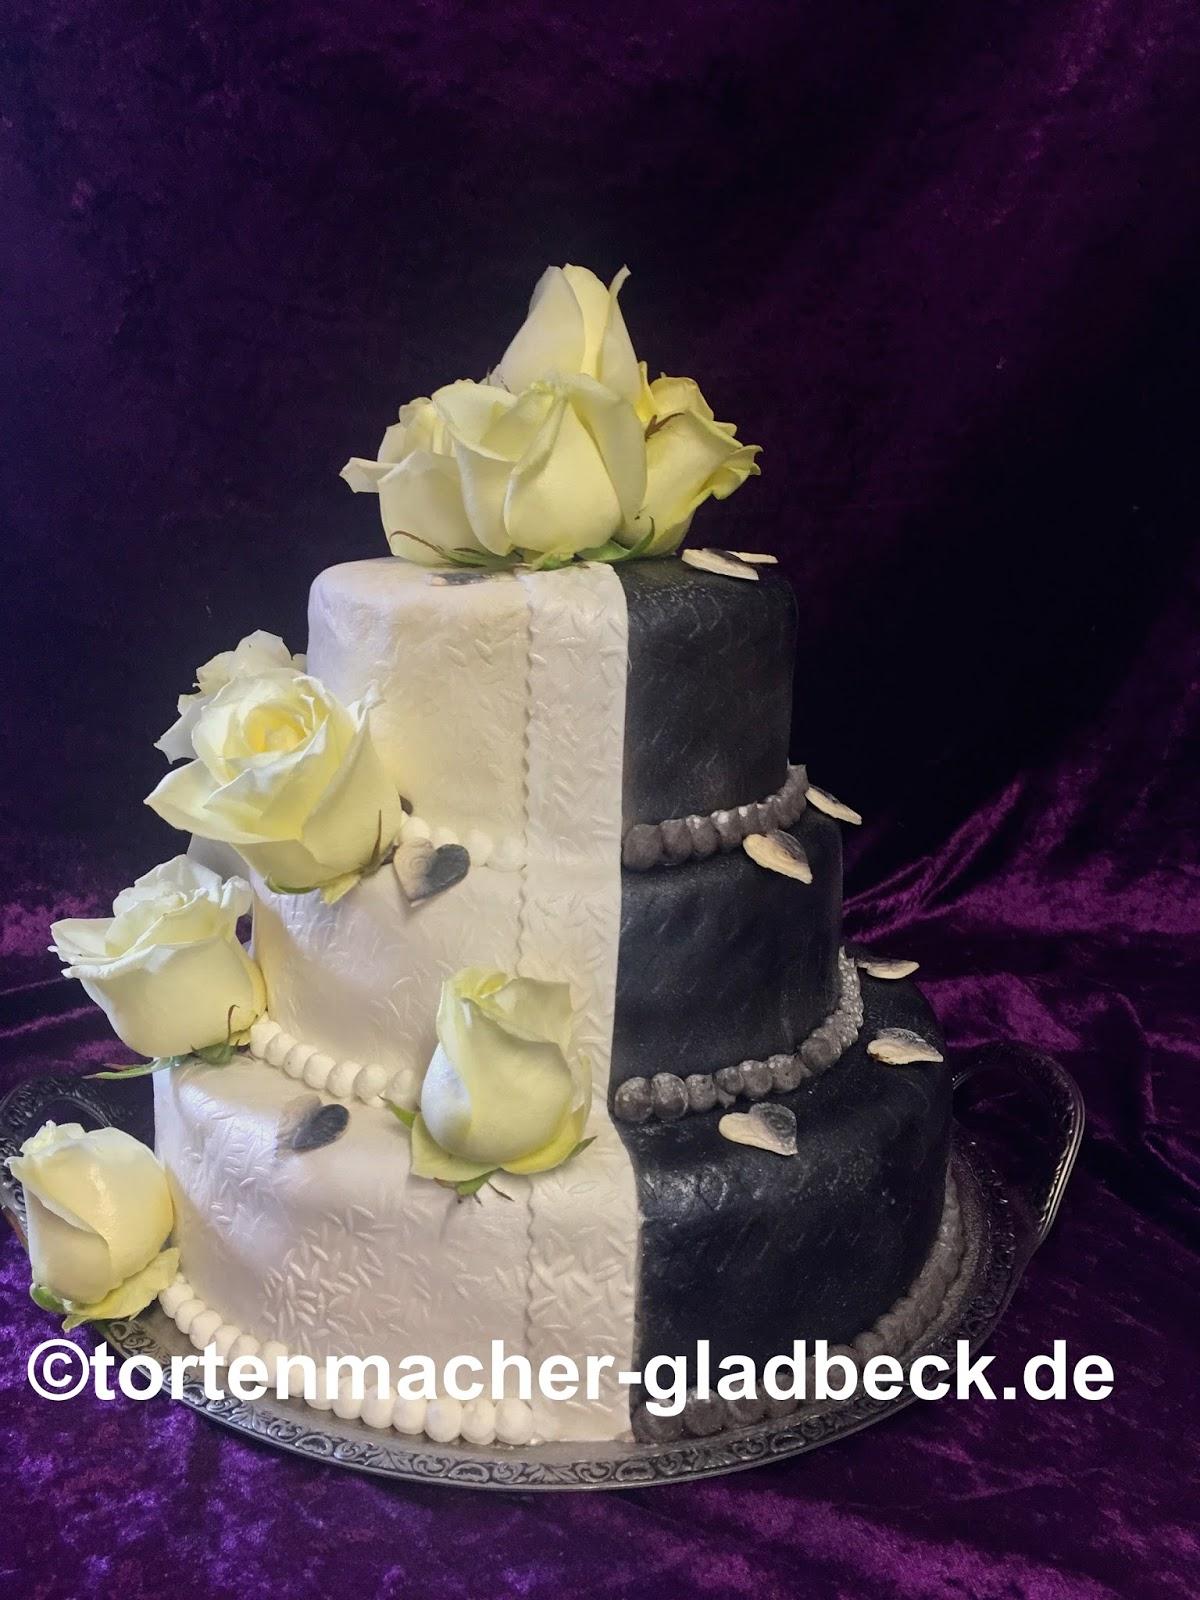 Der Tortenmacher Gladbeck Hochzeitstorte Schwarzweiss